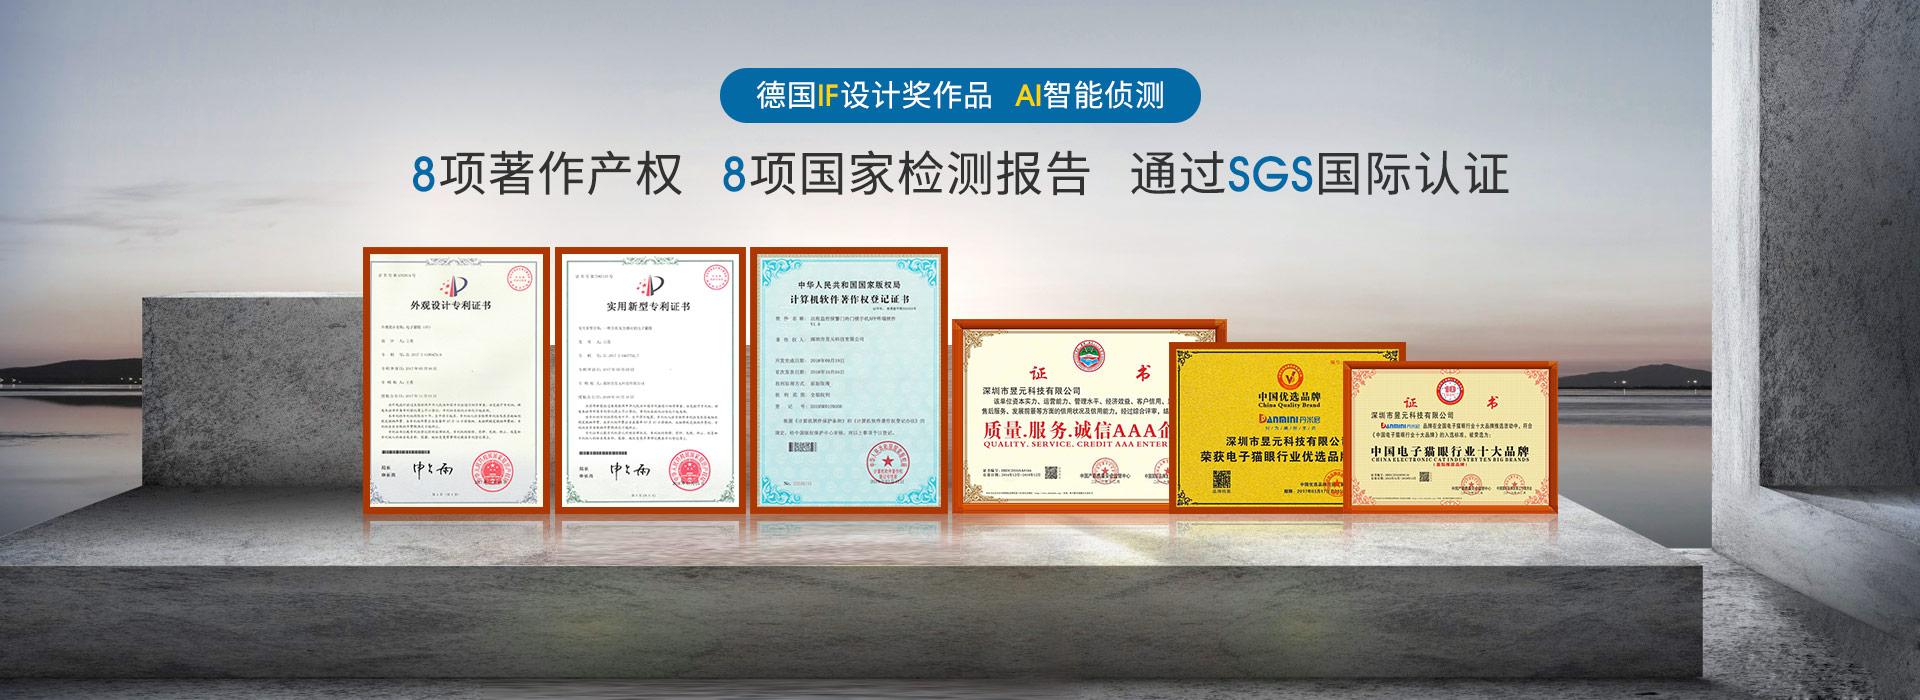 昱元科技-8项著作产权 8项国家检测报告 通过SGS国际认证